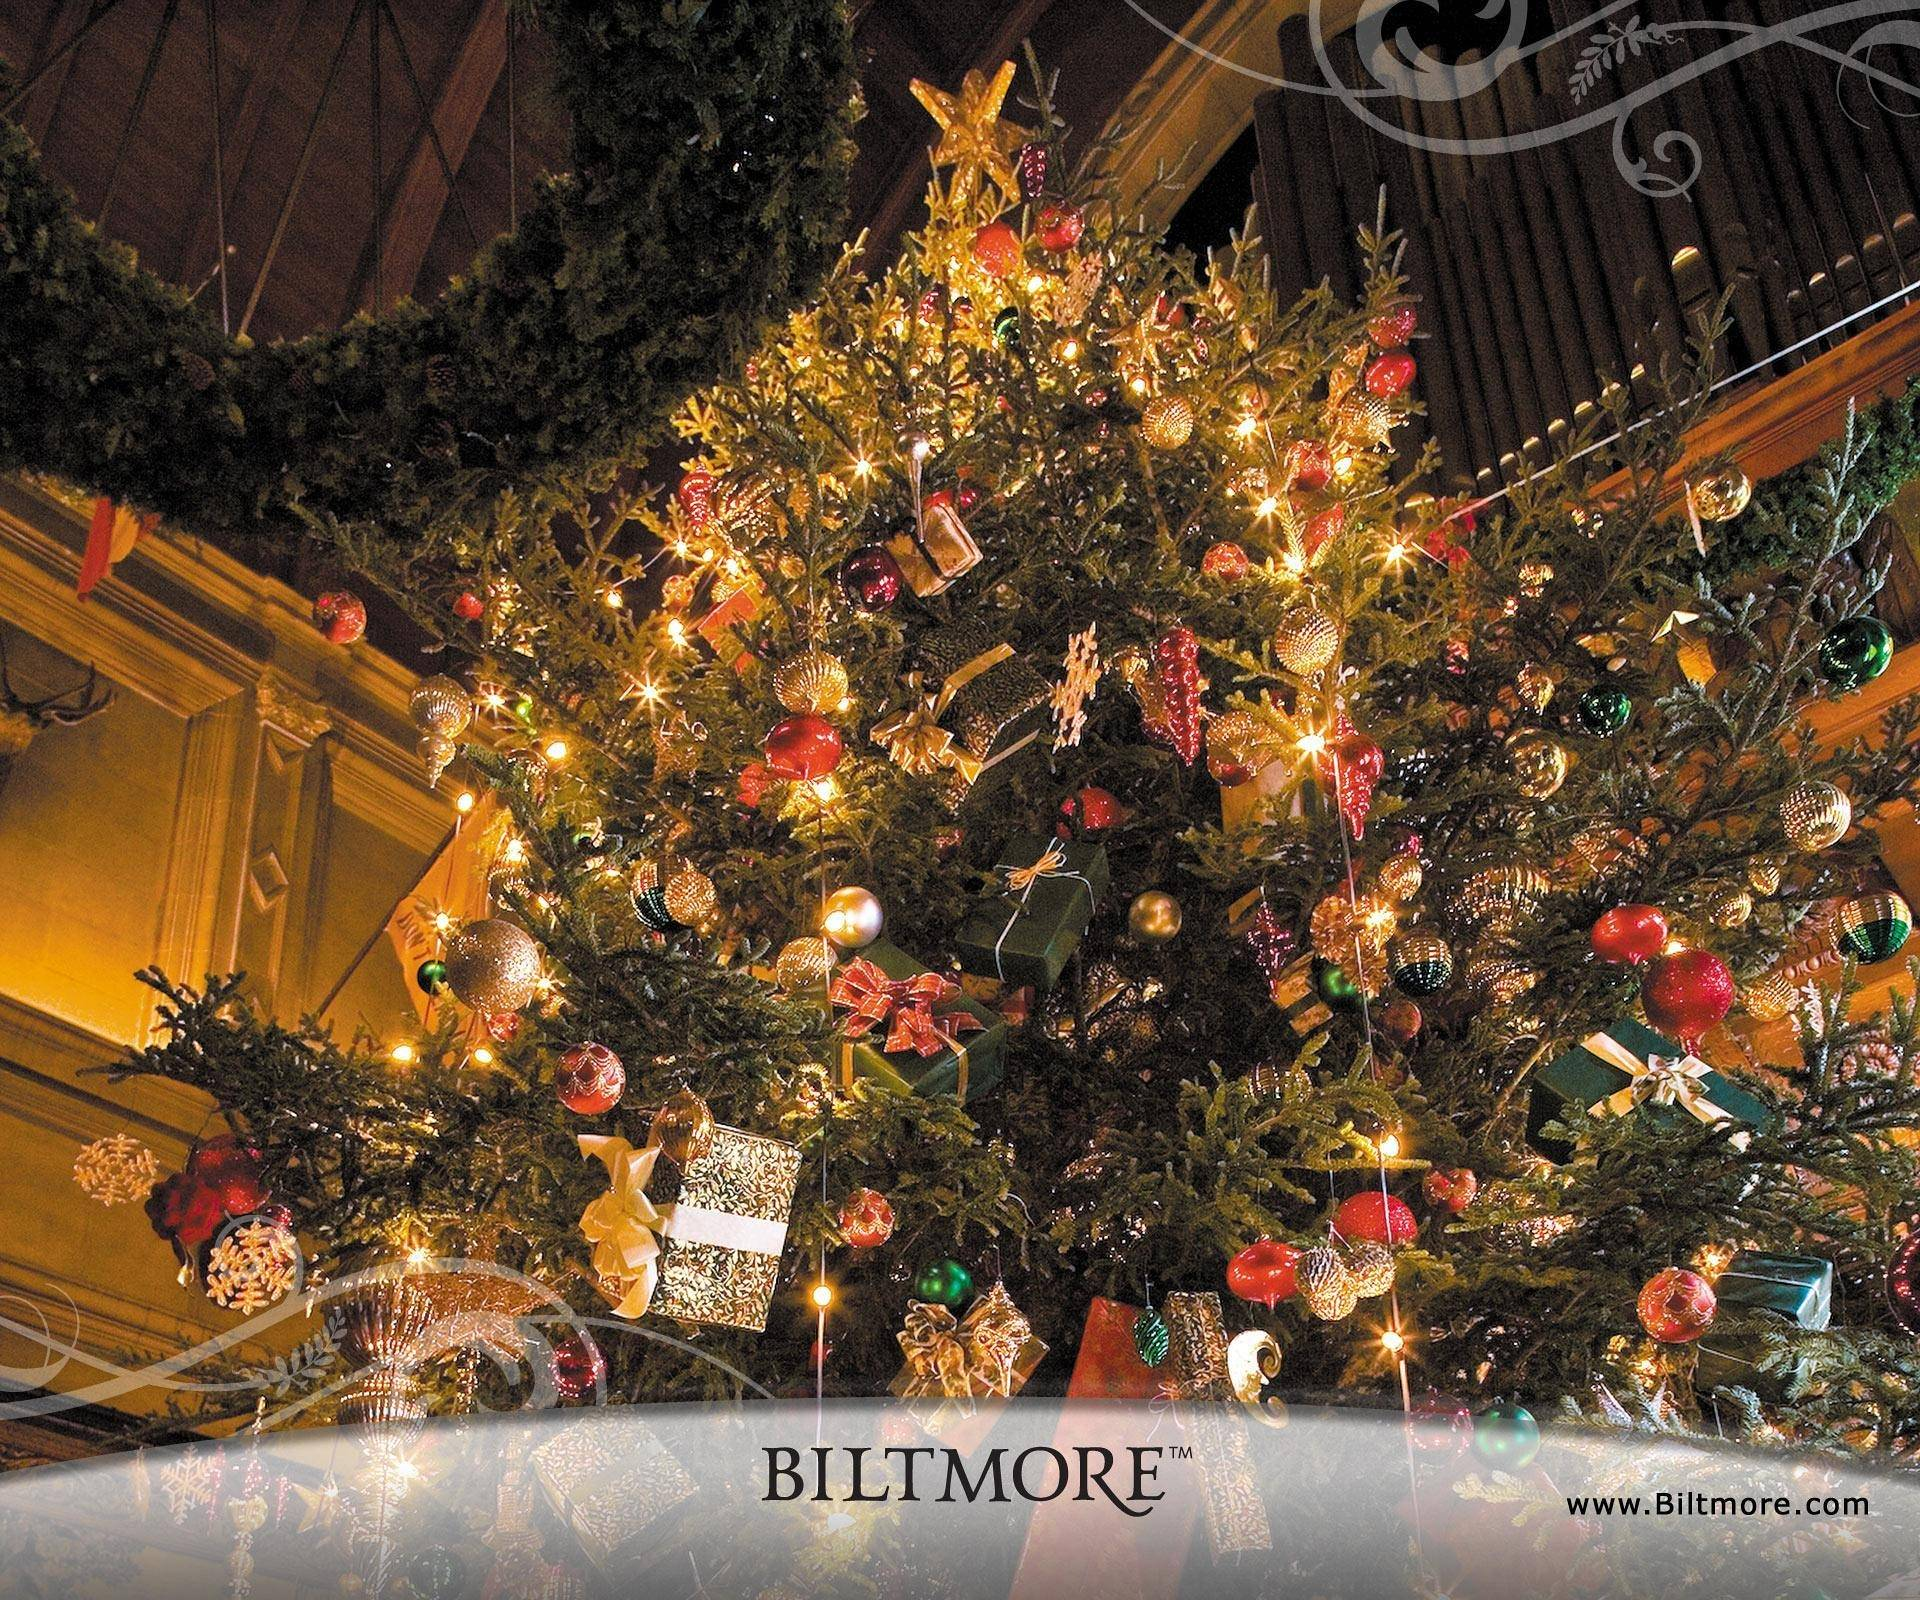 Biltmore Wallpapers